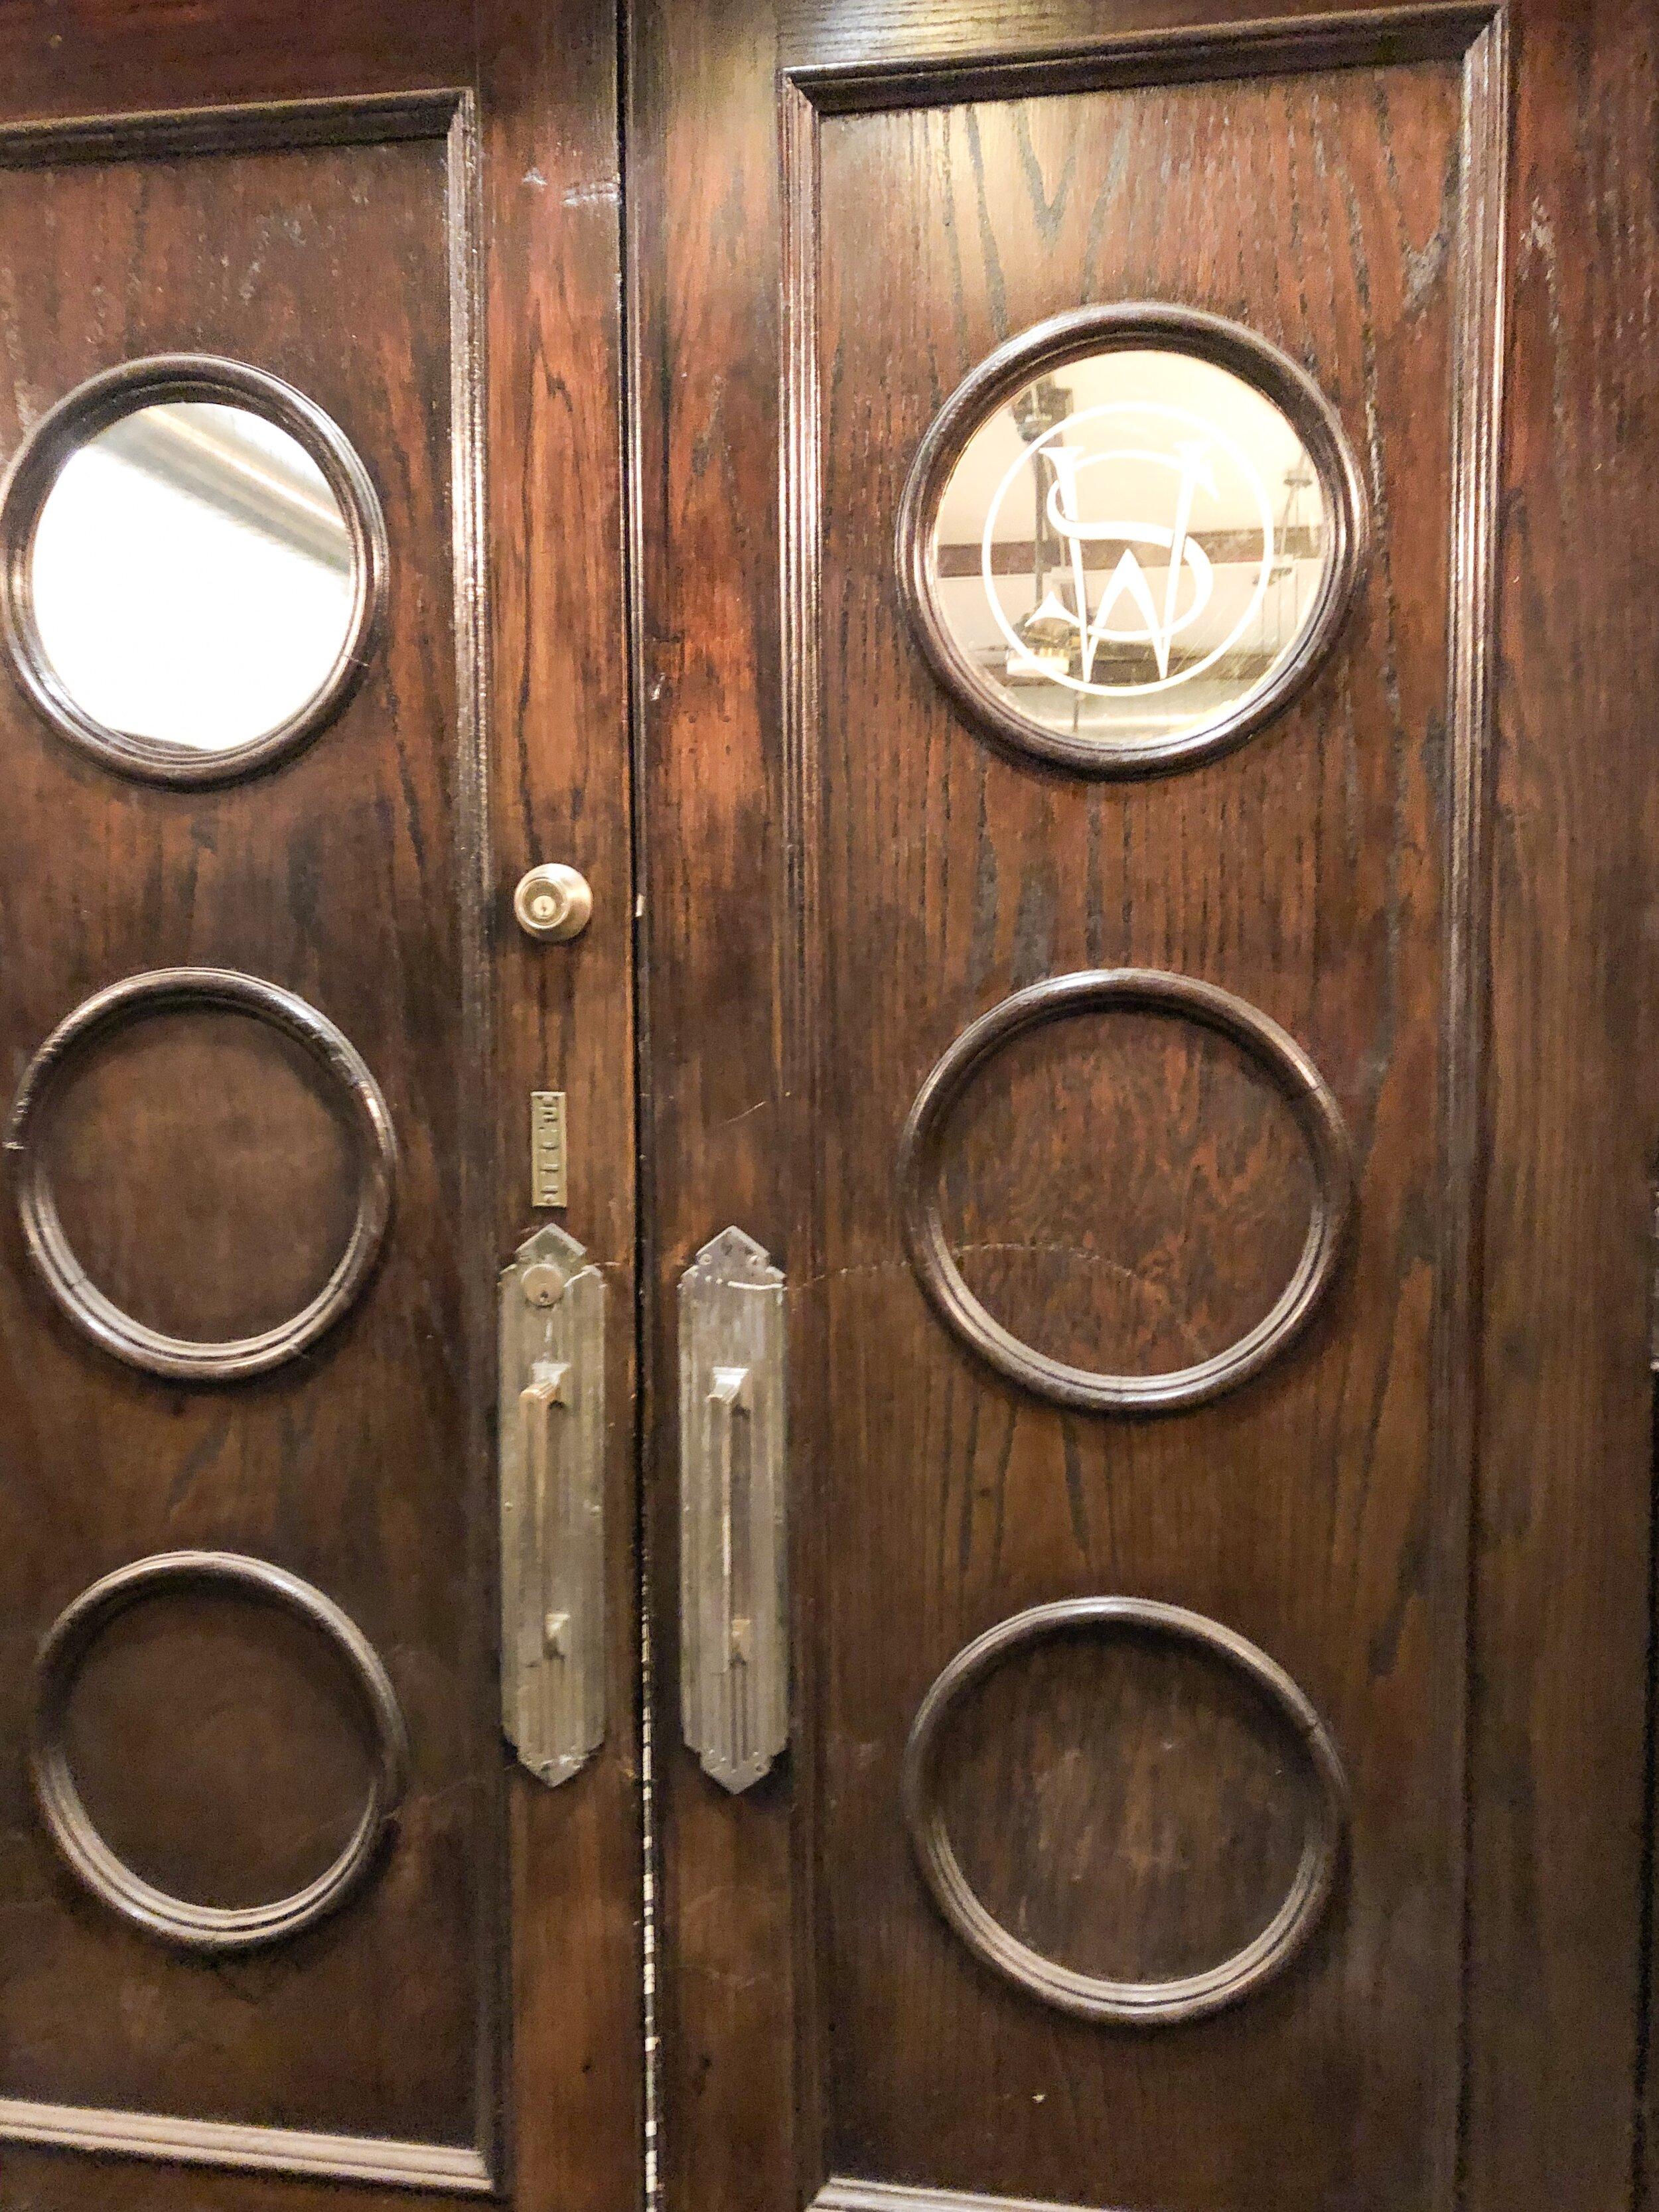 Doors from the original bar!